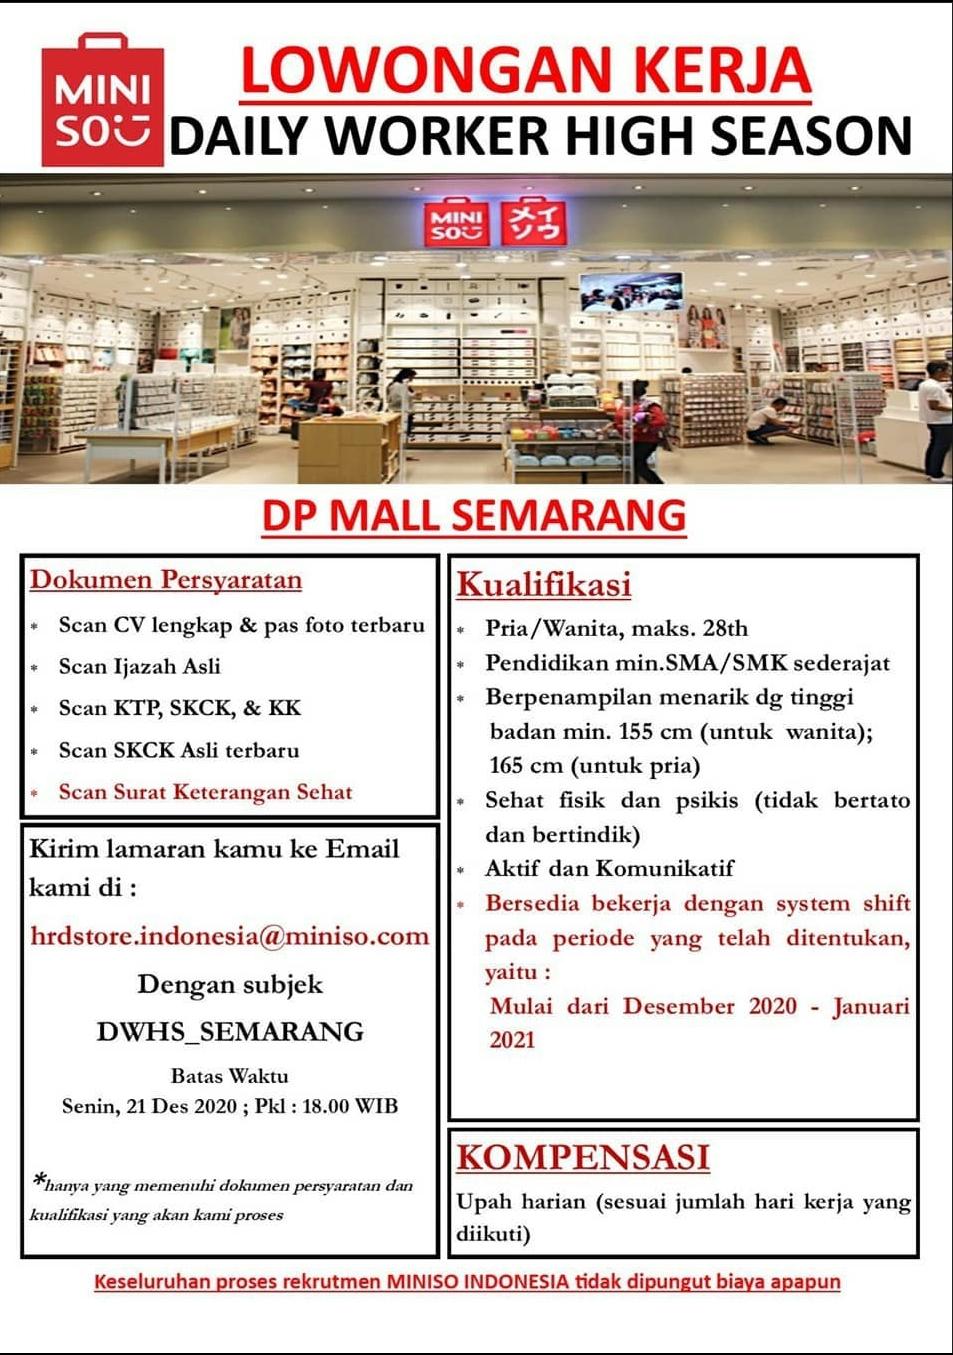 Lowongan Kerja Miniso DP Mall Semarang Sebqgai Daily Worker High Season